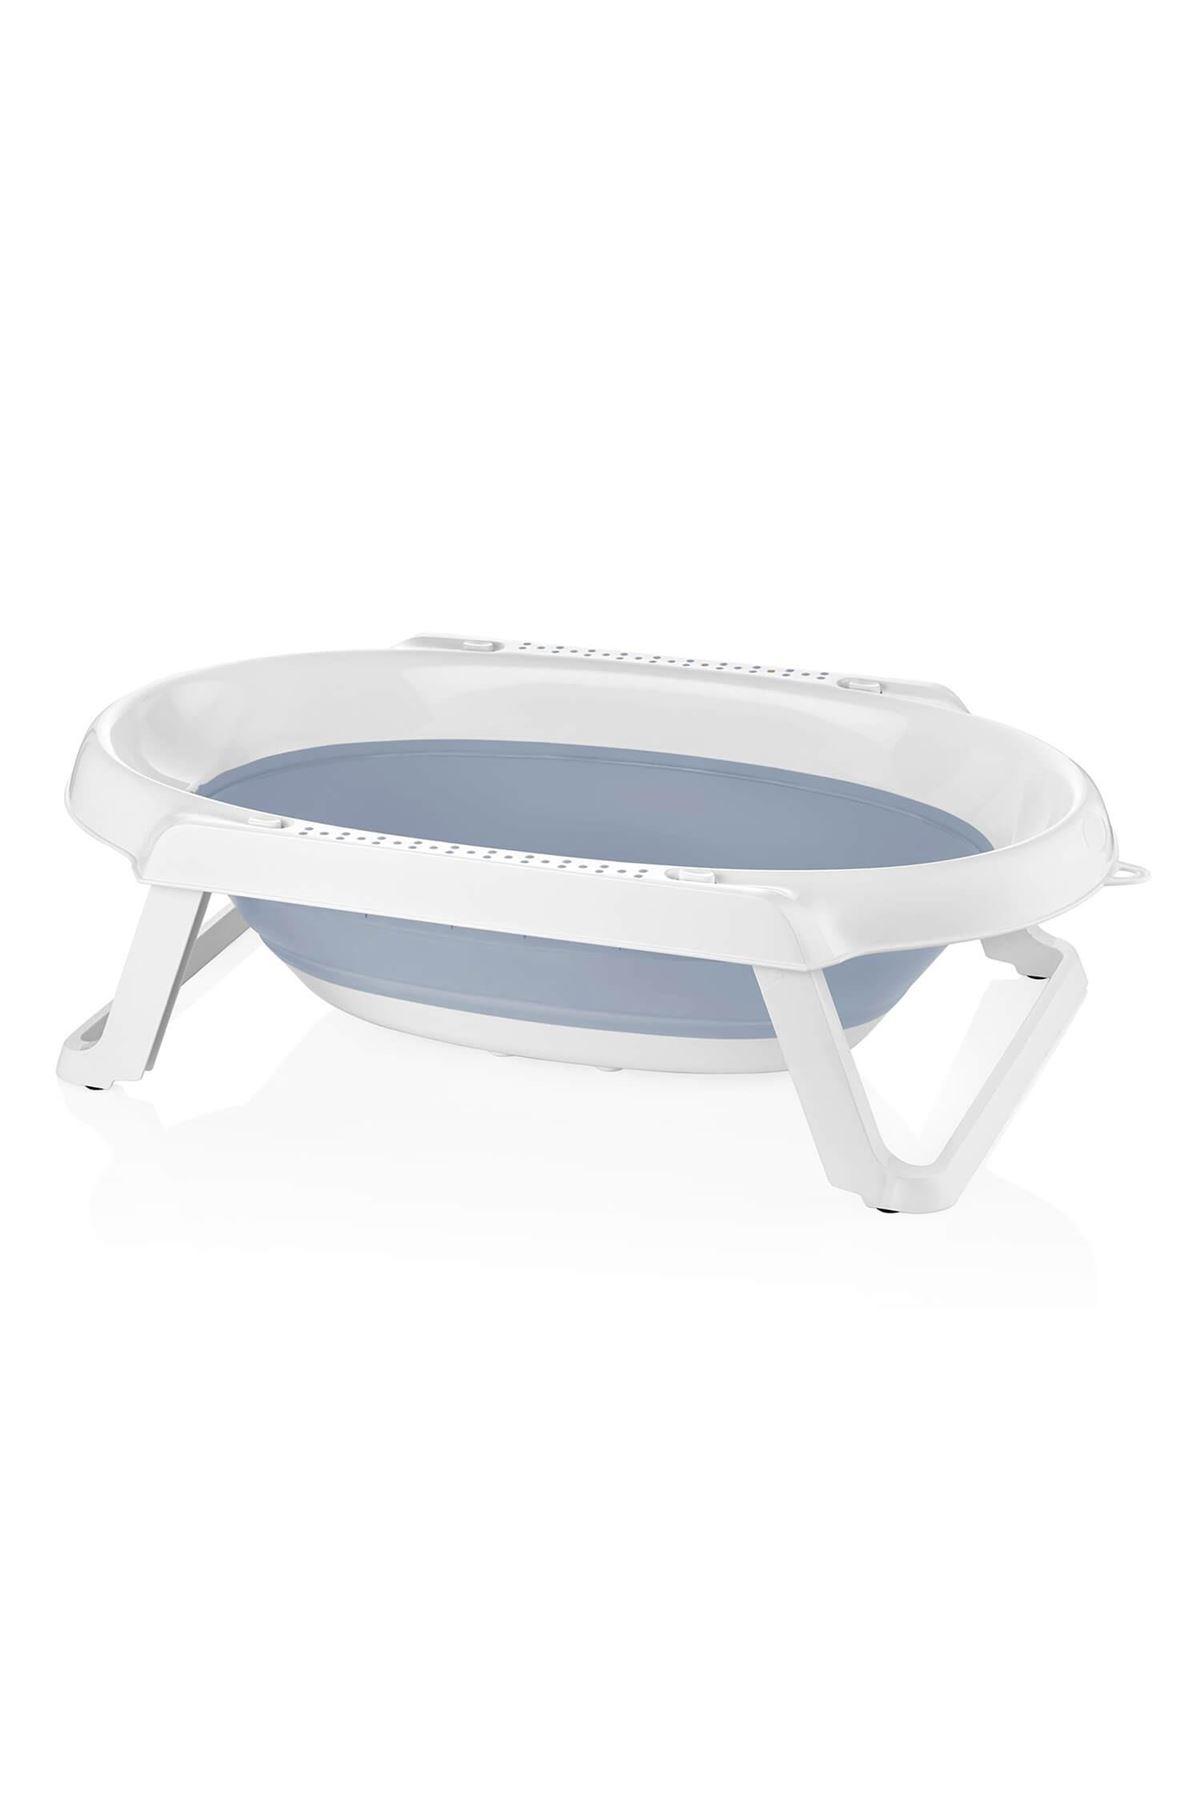 BabyJem Katlanabilen Bebek Banyo Küveti 599 Mavi